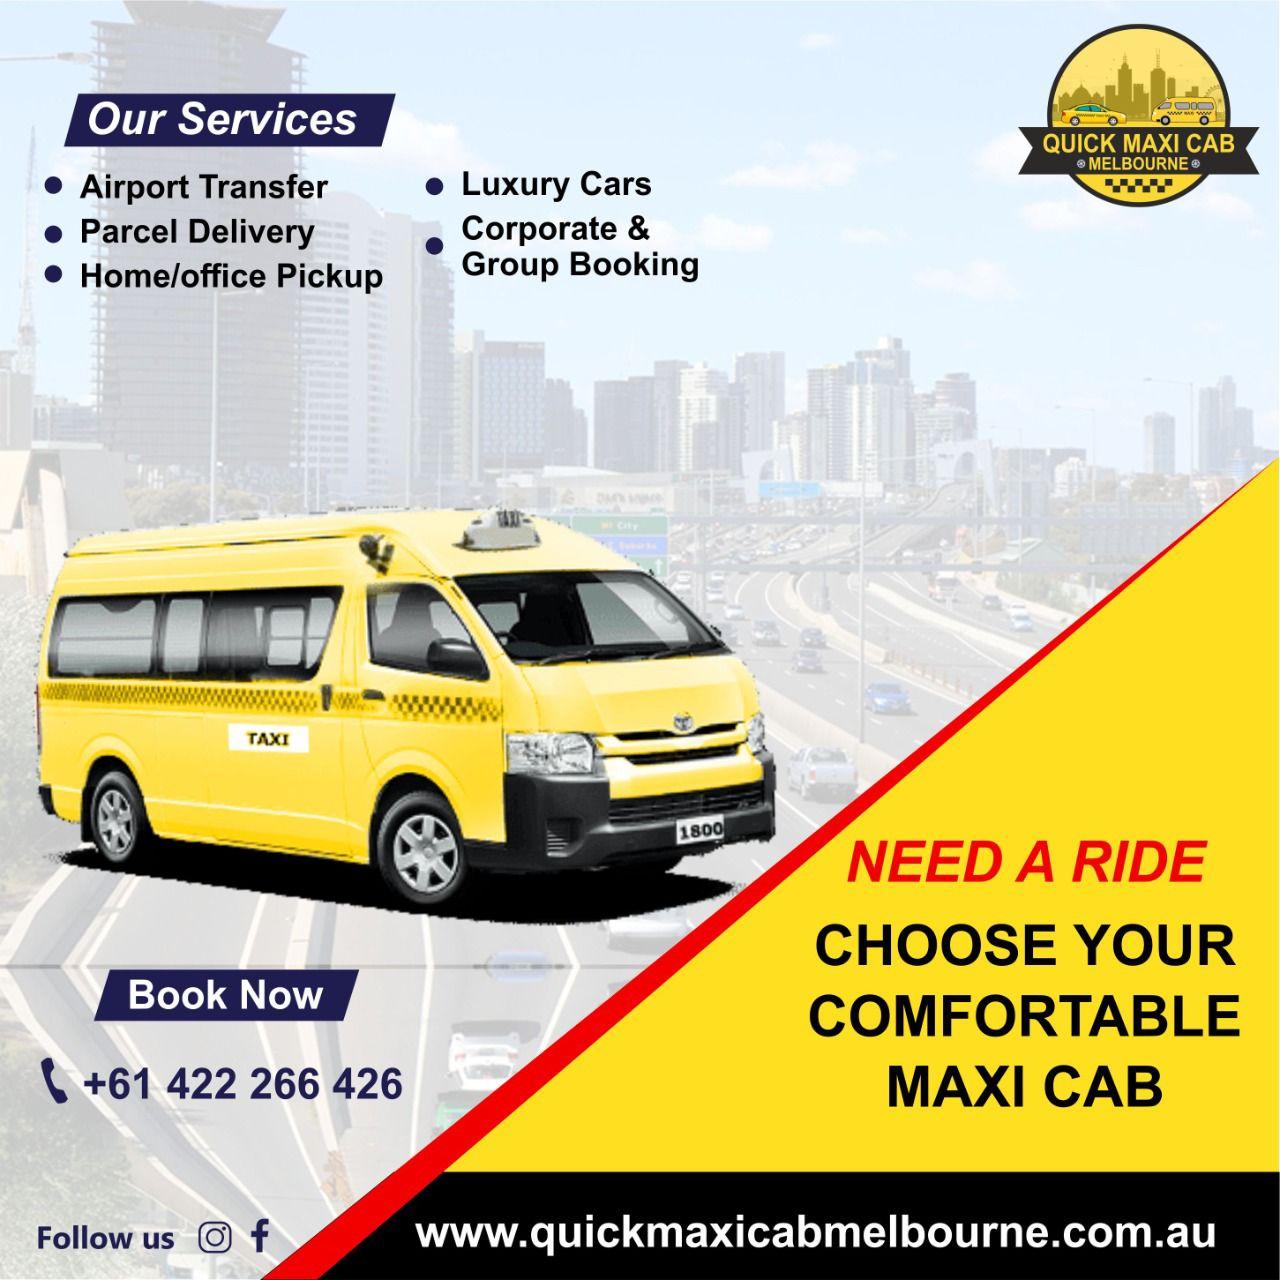 Quick Maxi Cab Melbourne   Airport Maxi Cab